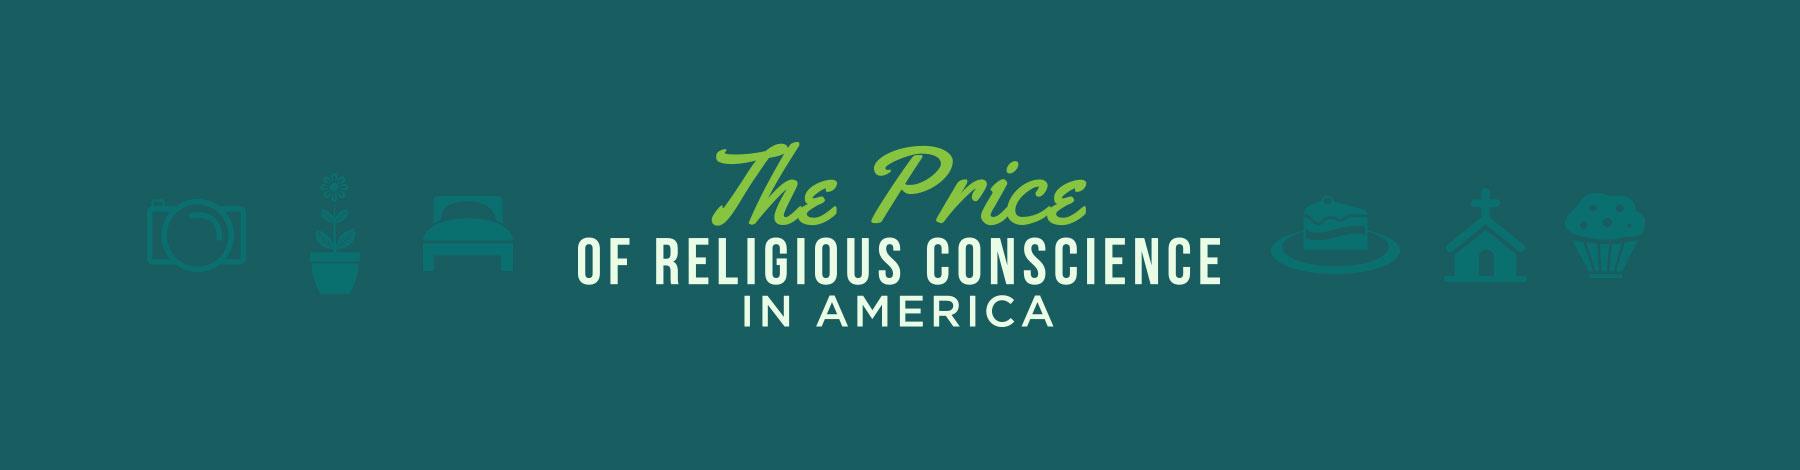 The-Price-12-15-14